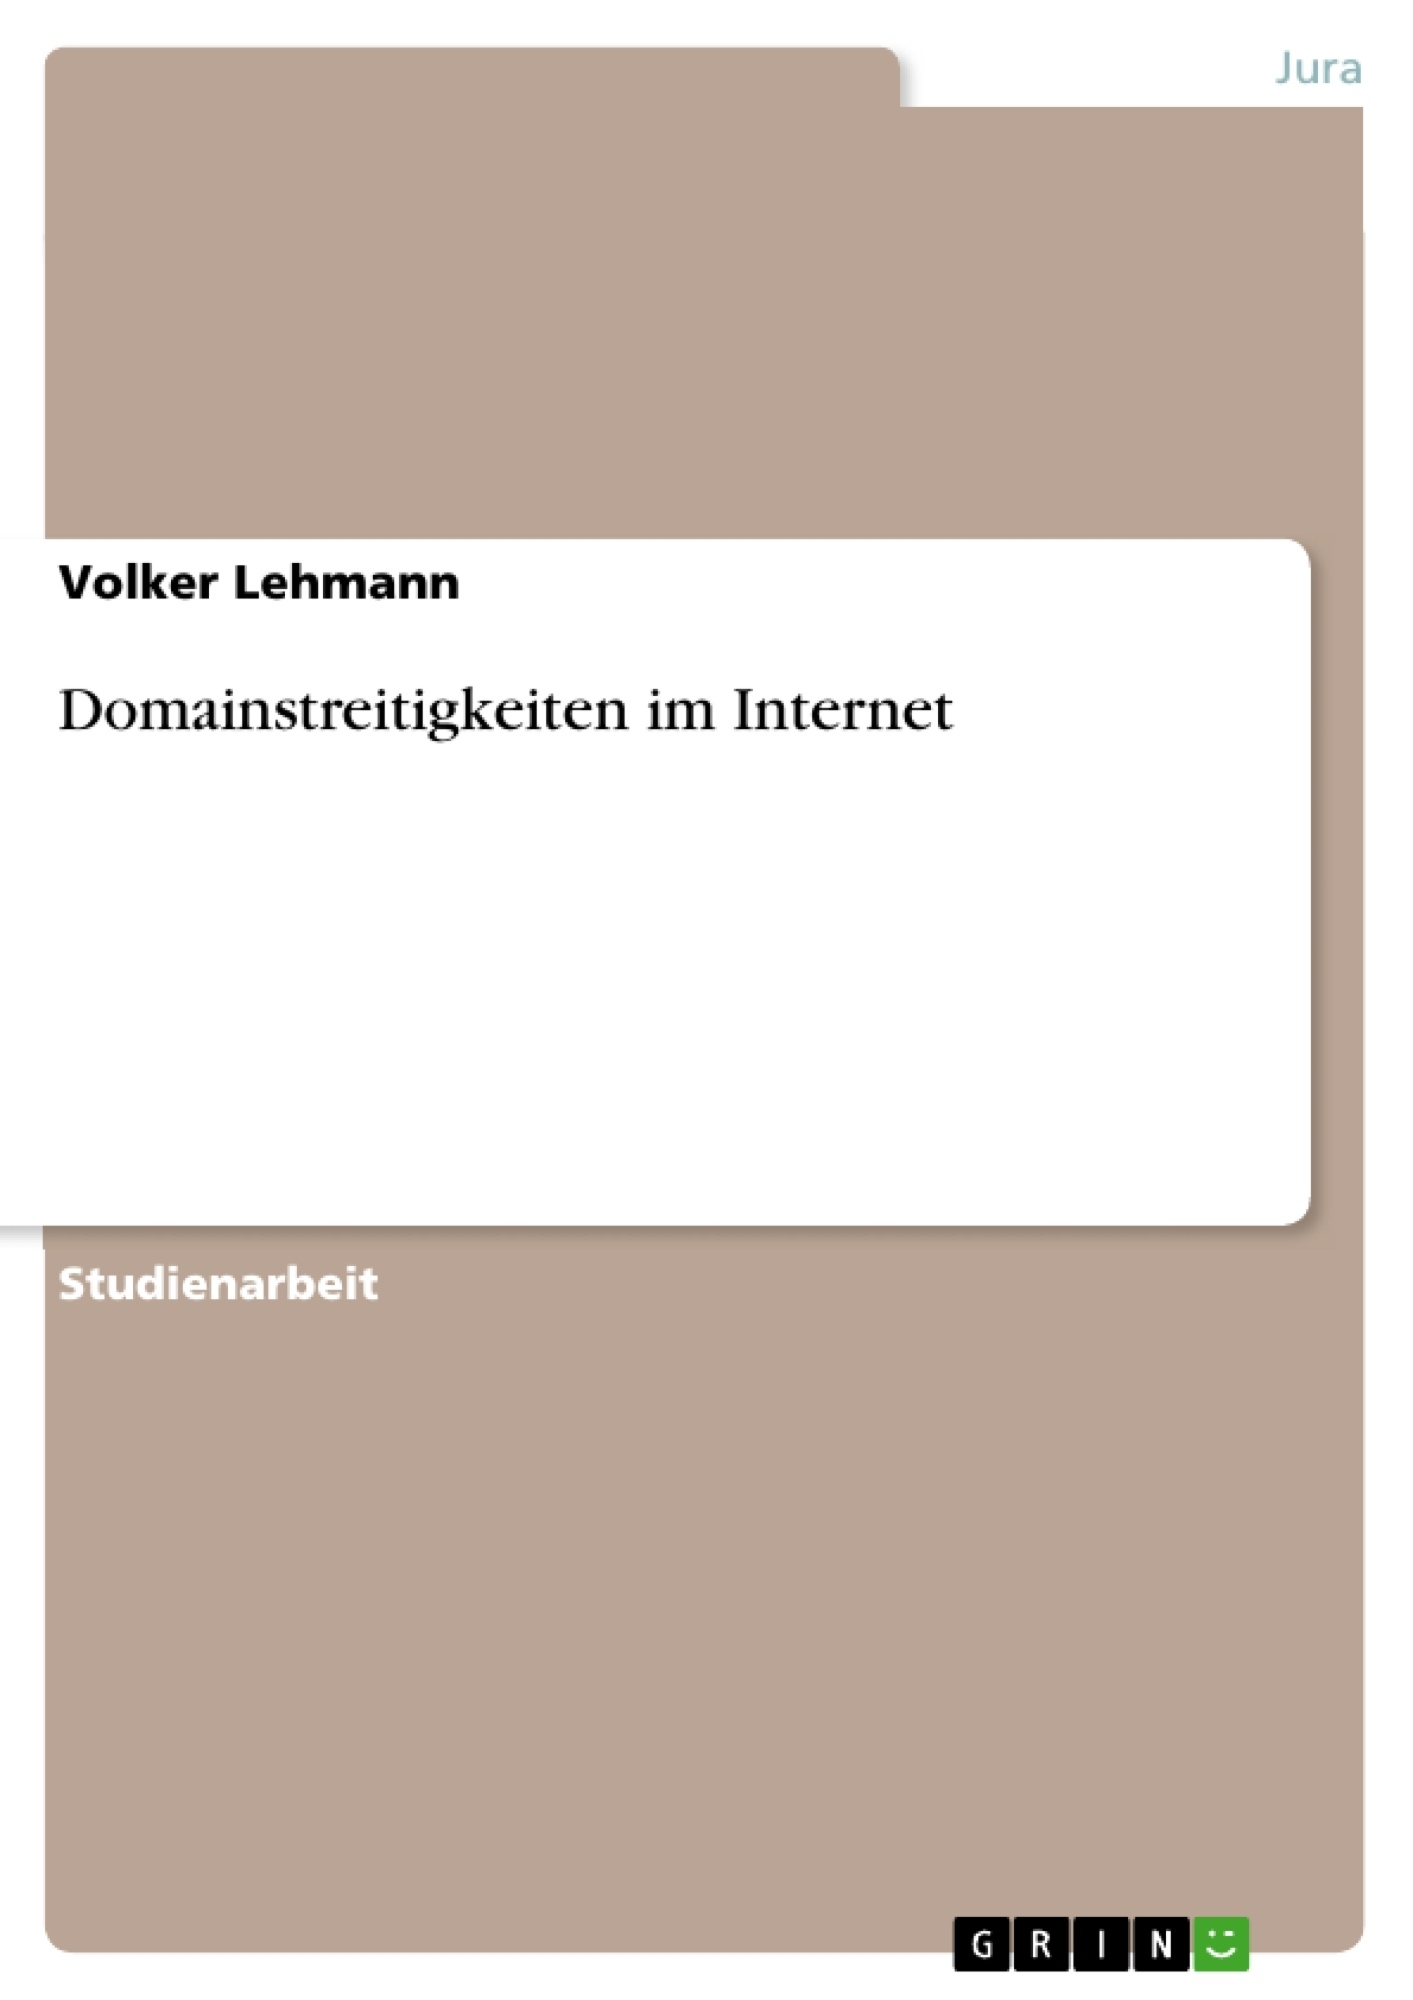 Titel: Domainstreitigkeiten im Internet